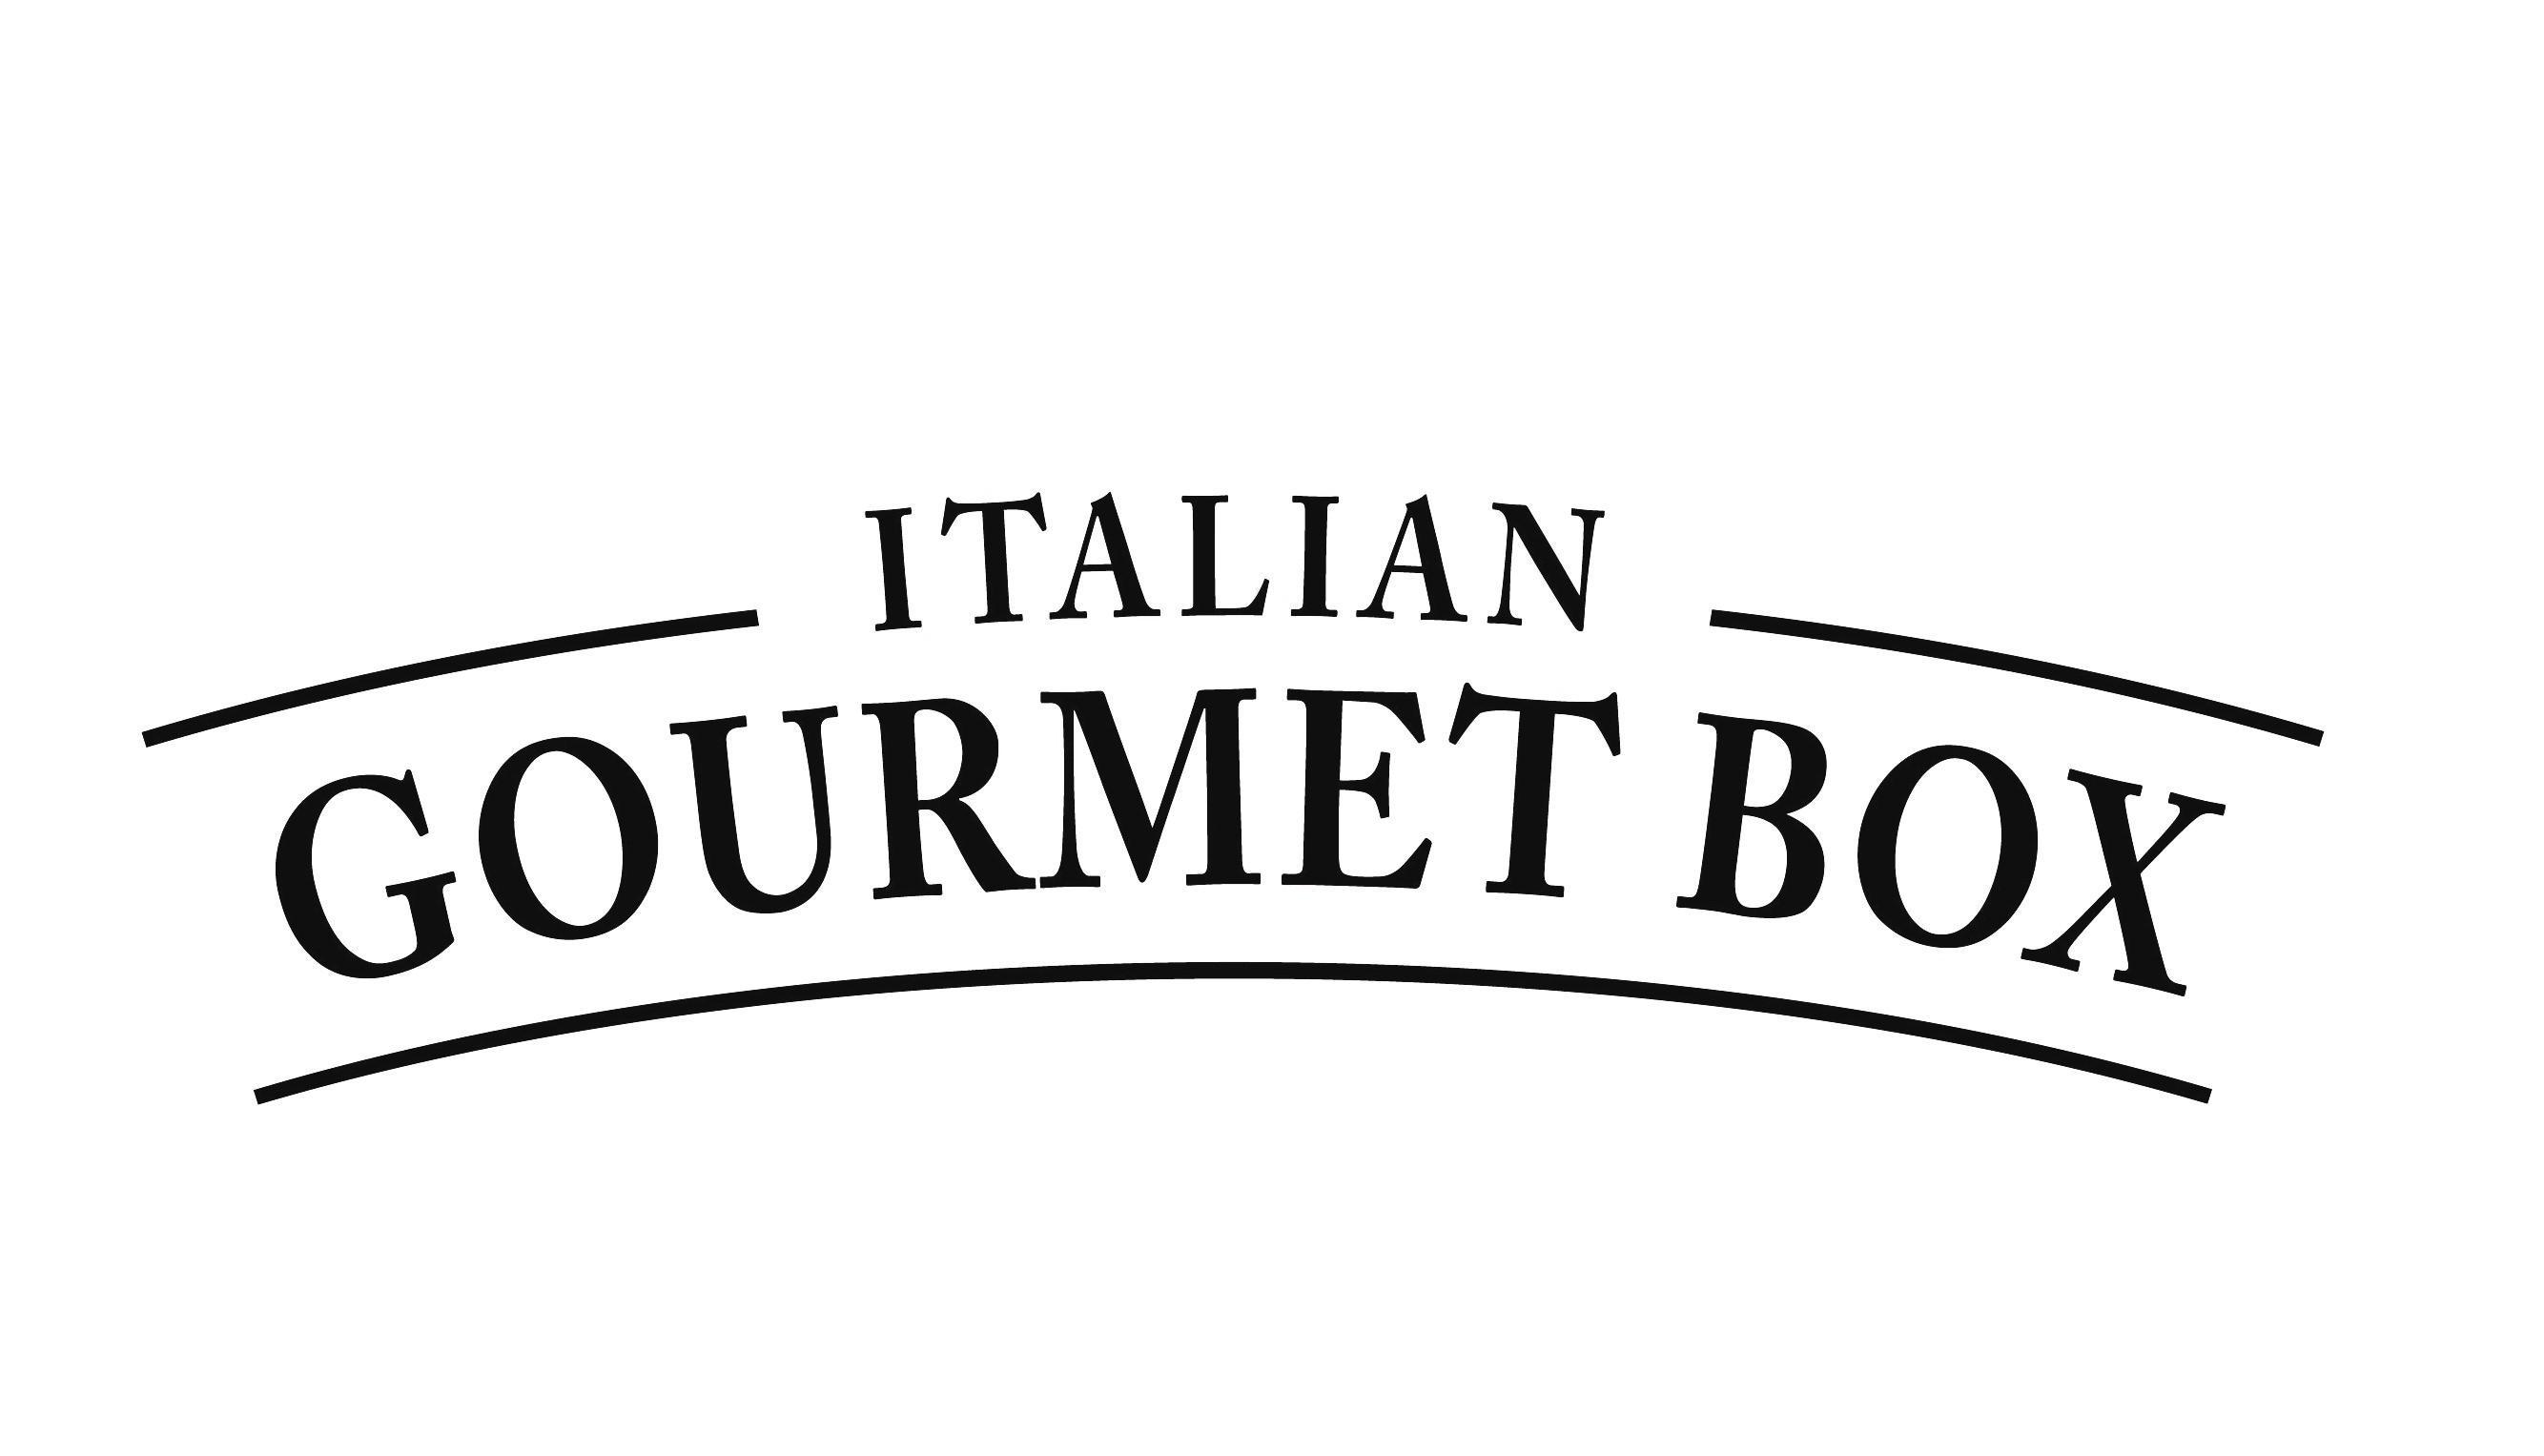 Bildmarke: ITALIAN GOURMET BOX